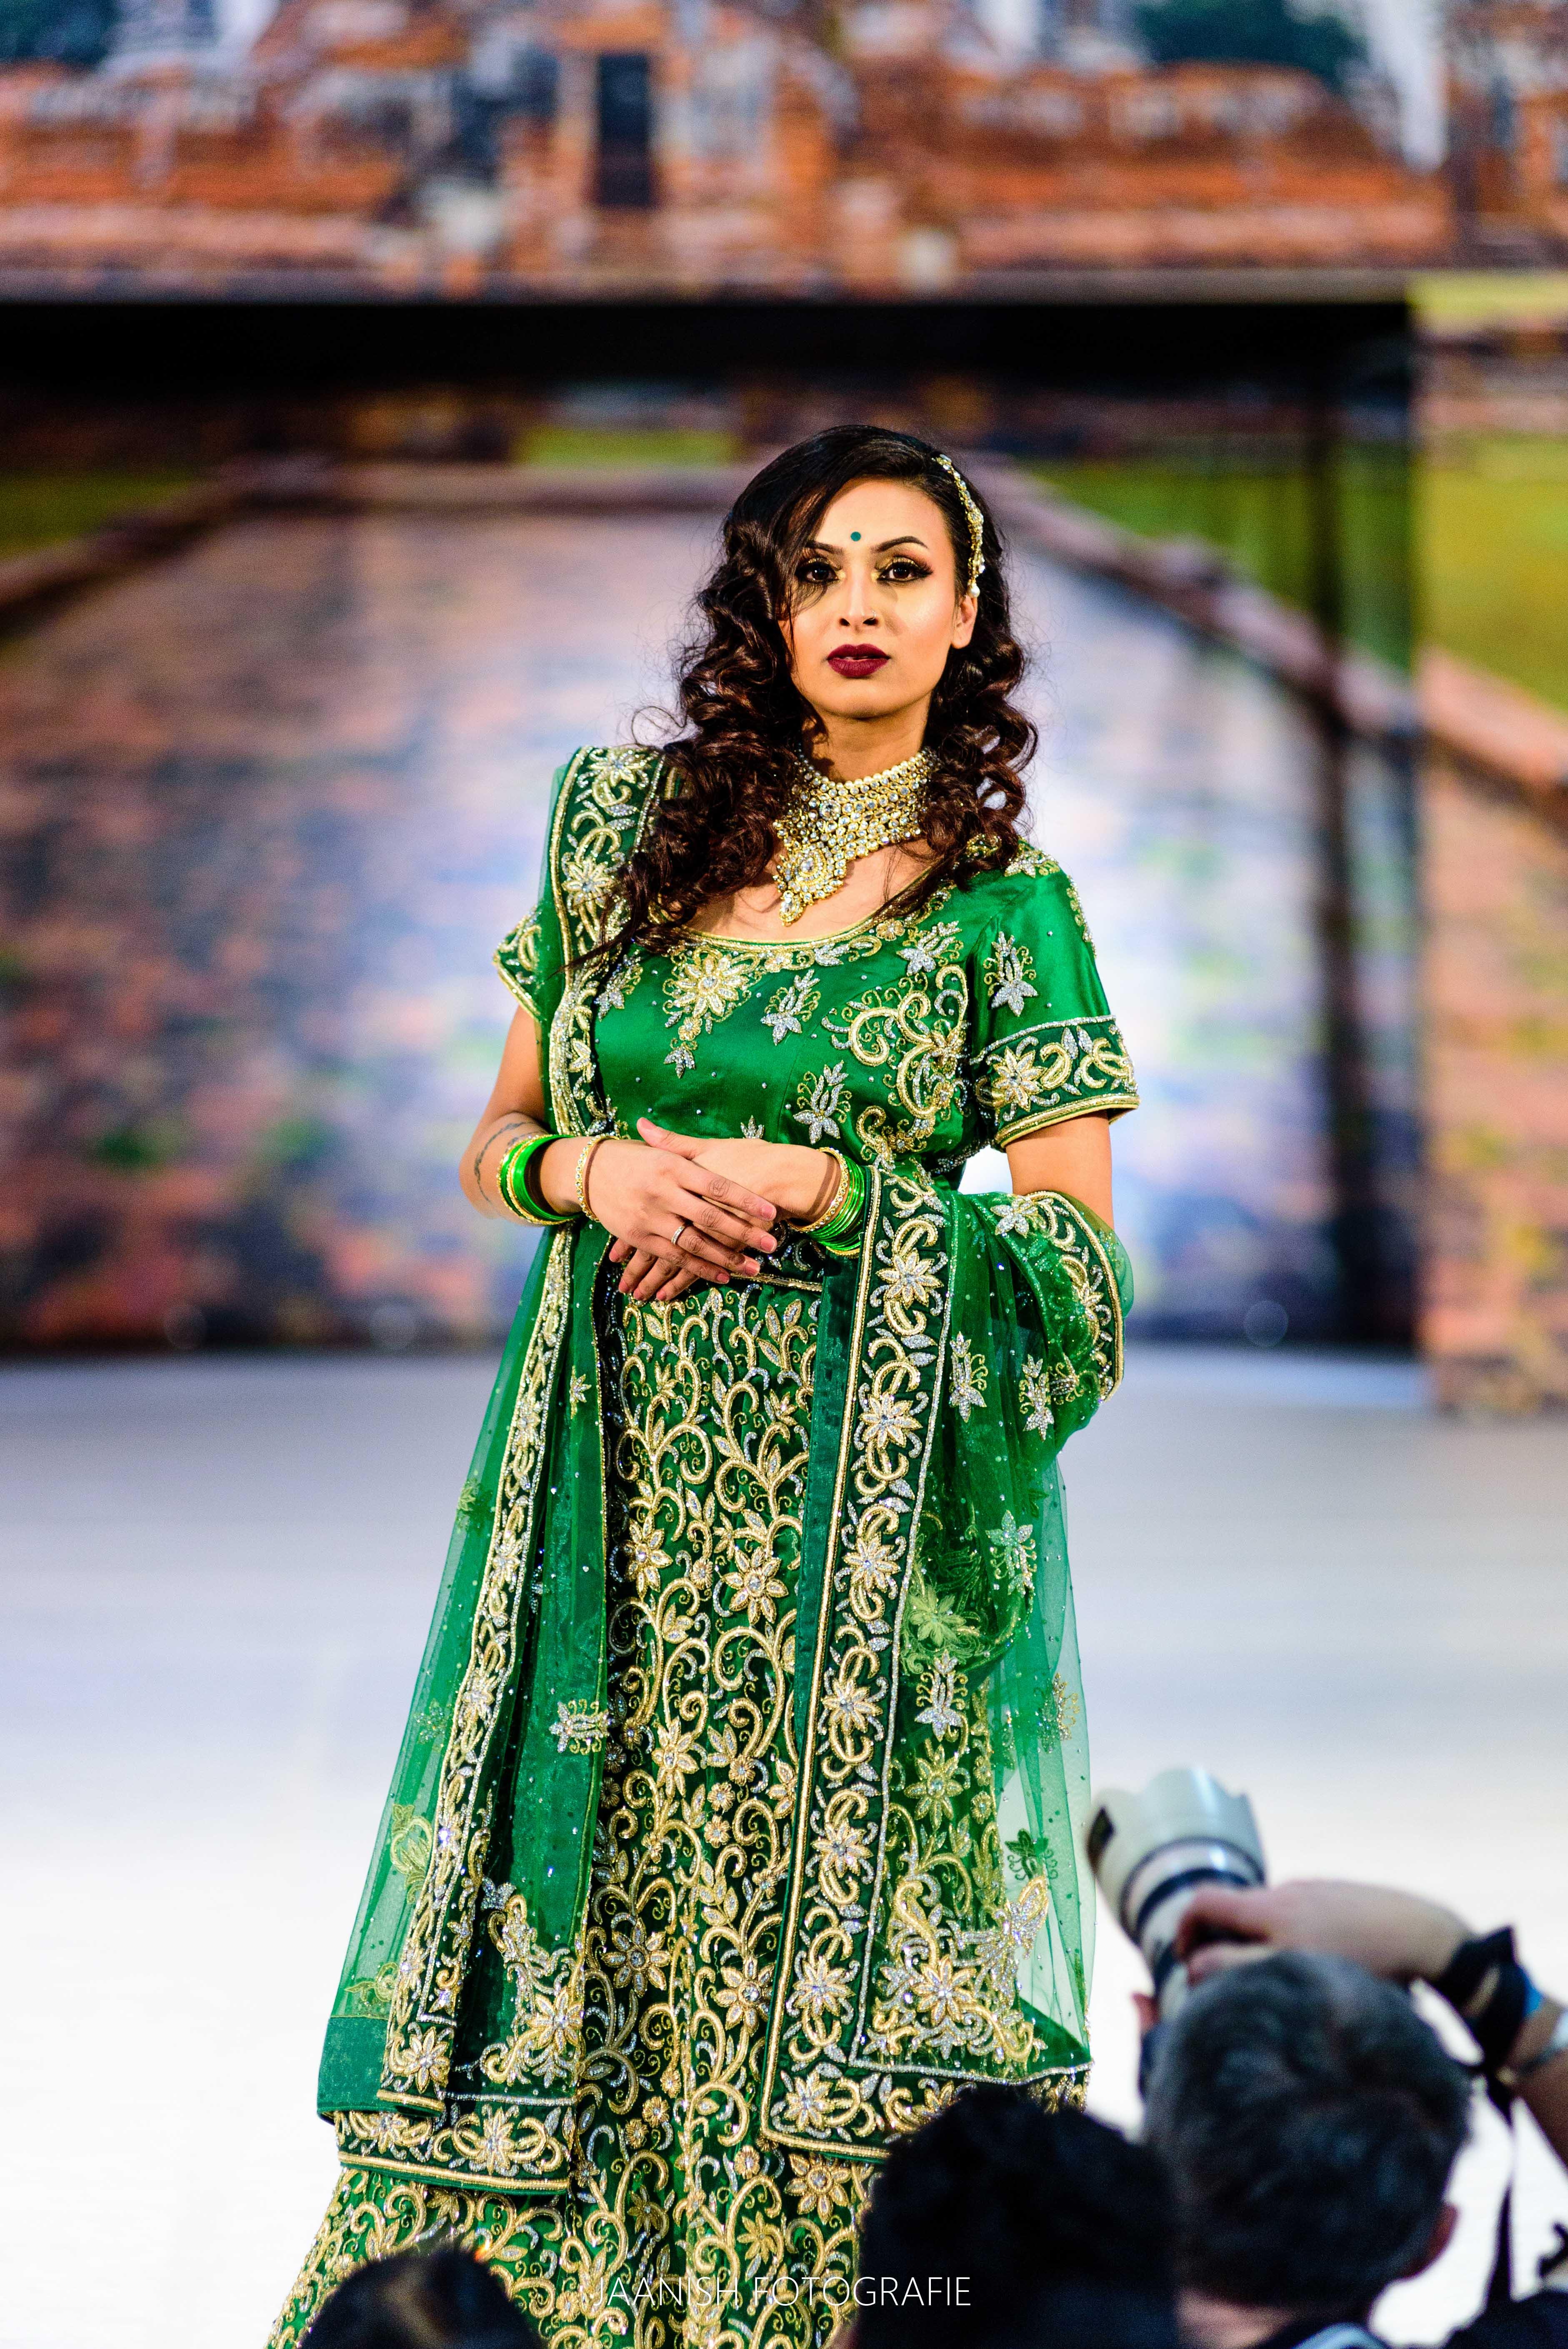 Fashion fotograaf The Big Day 5 wedding beurs 12